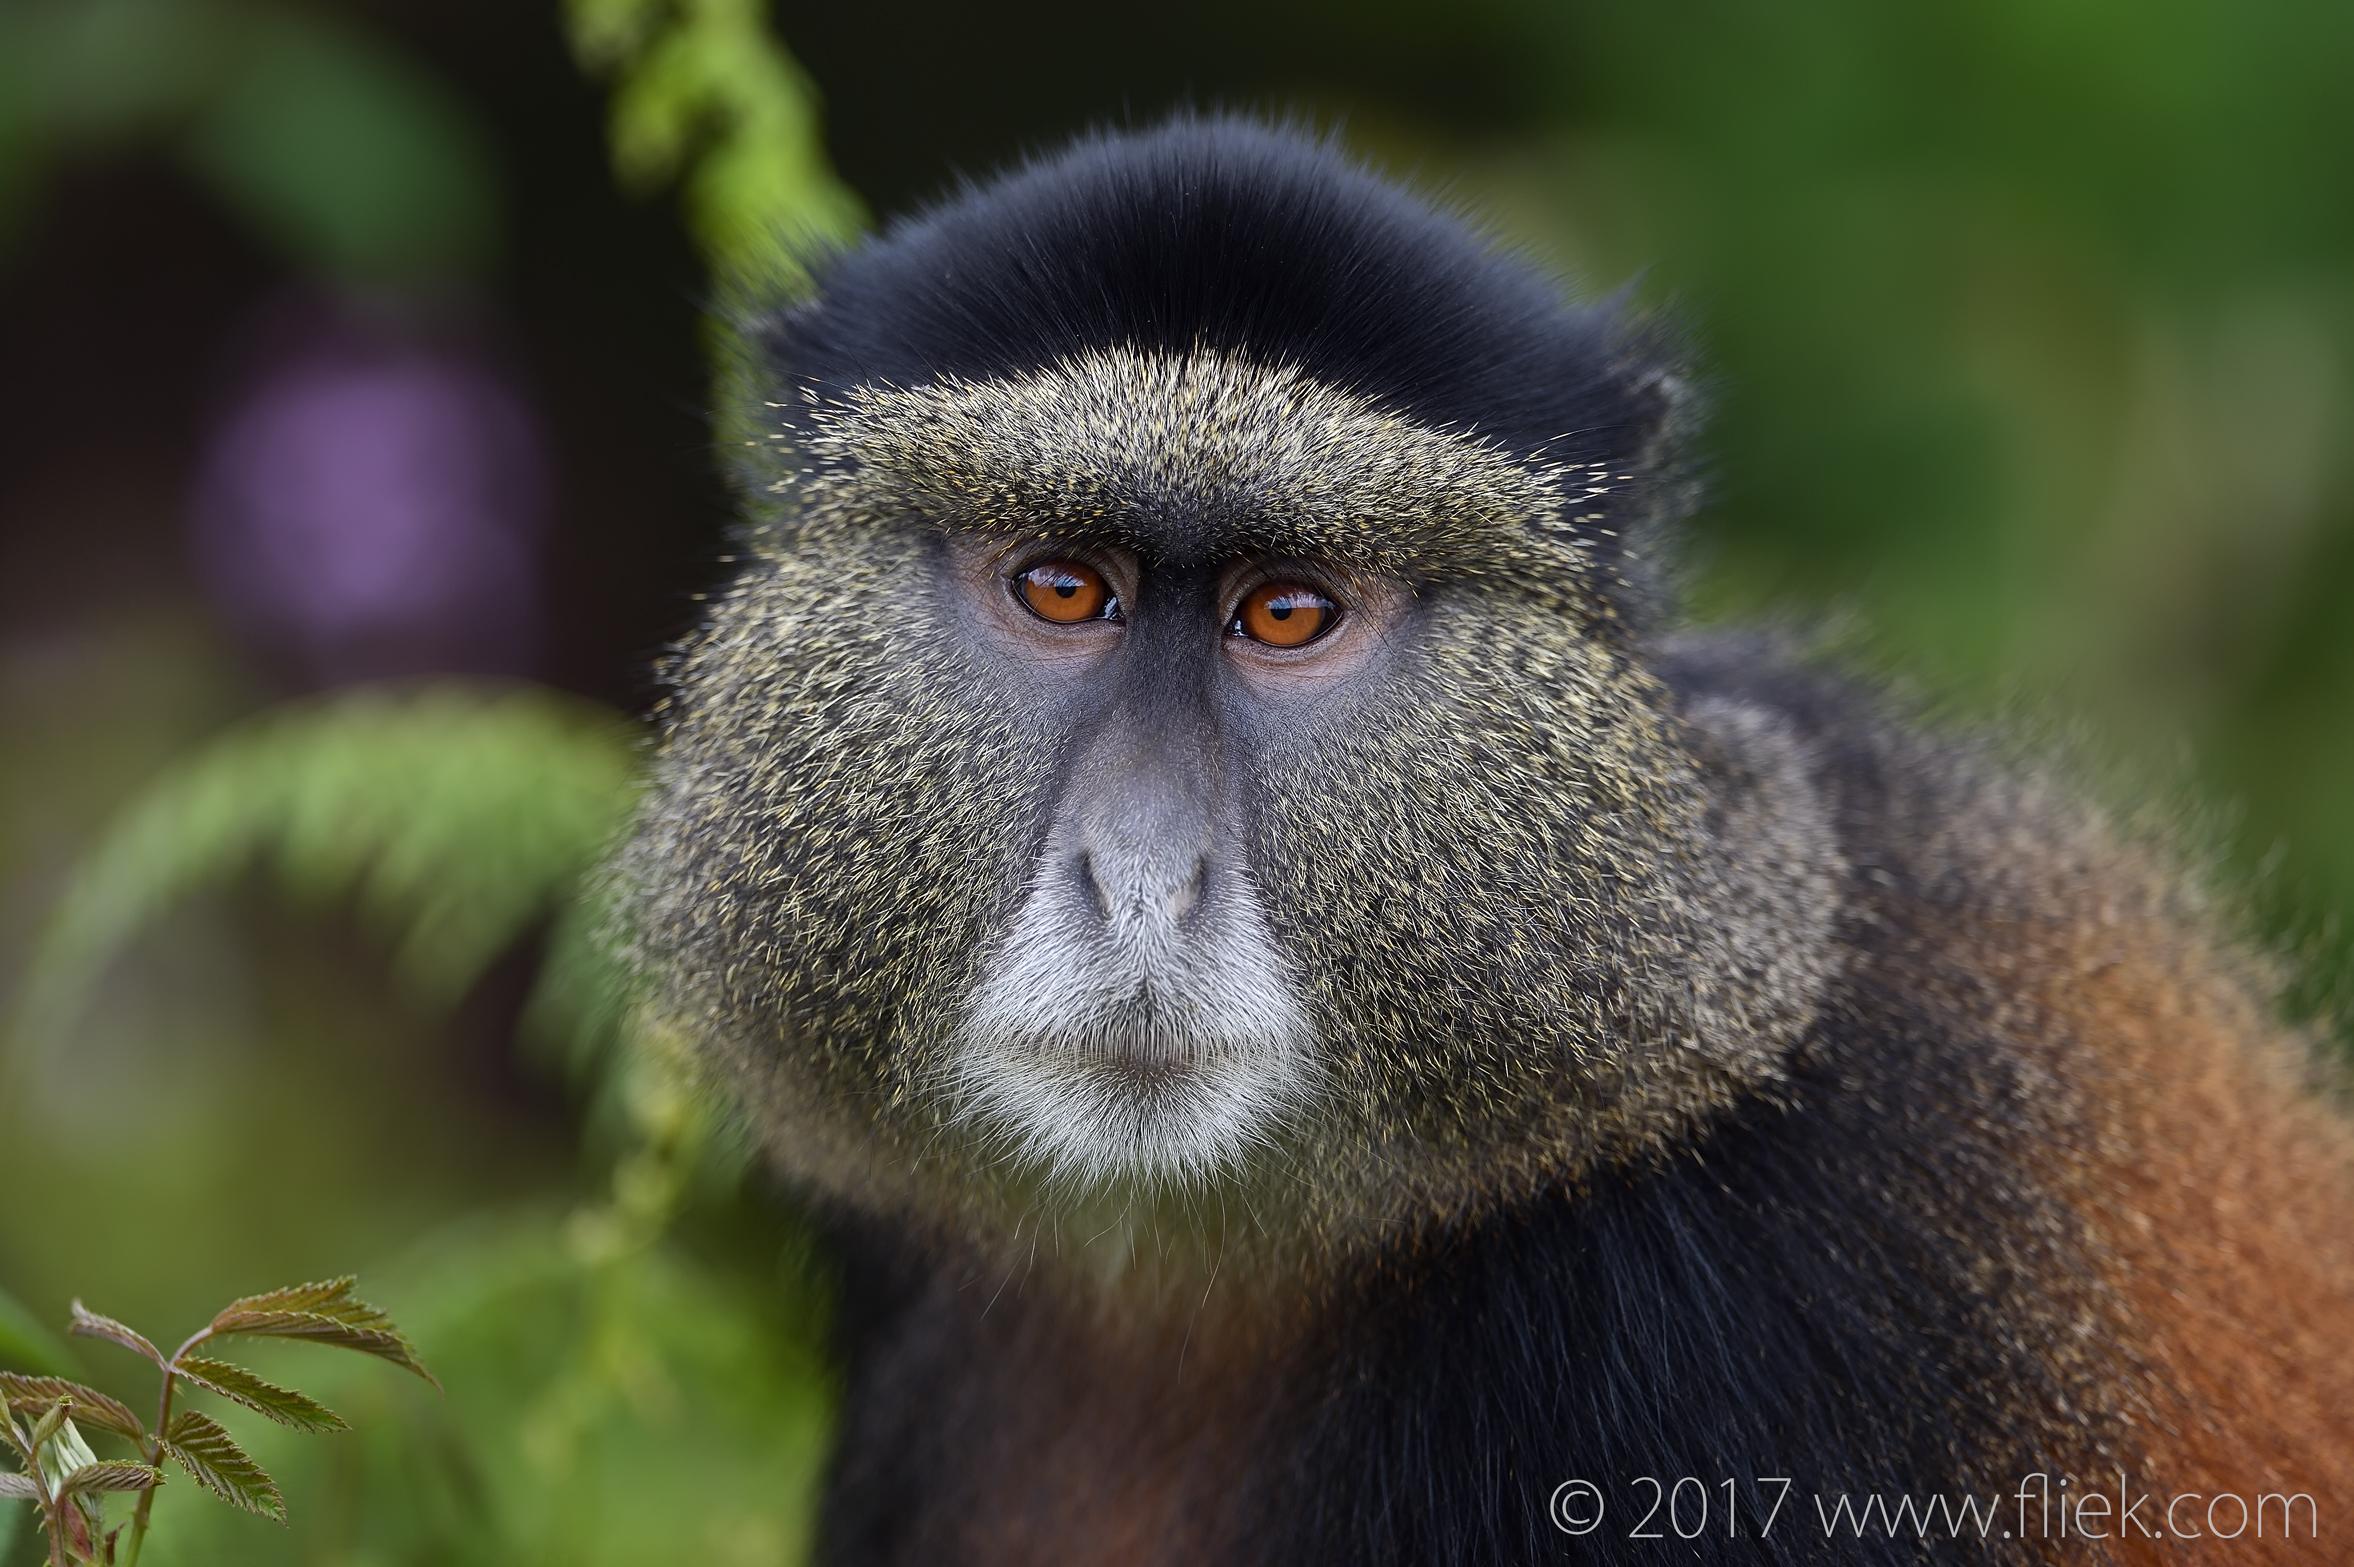 d4s-golden-monkey-portrait1